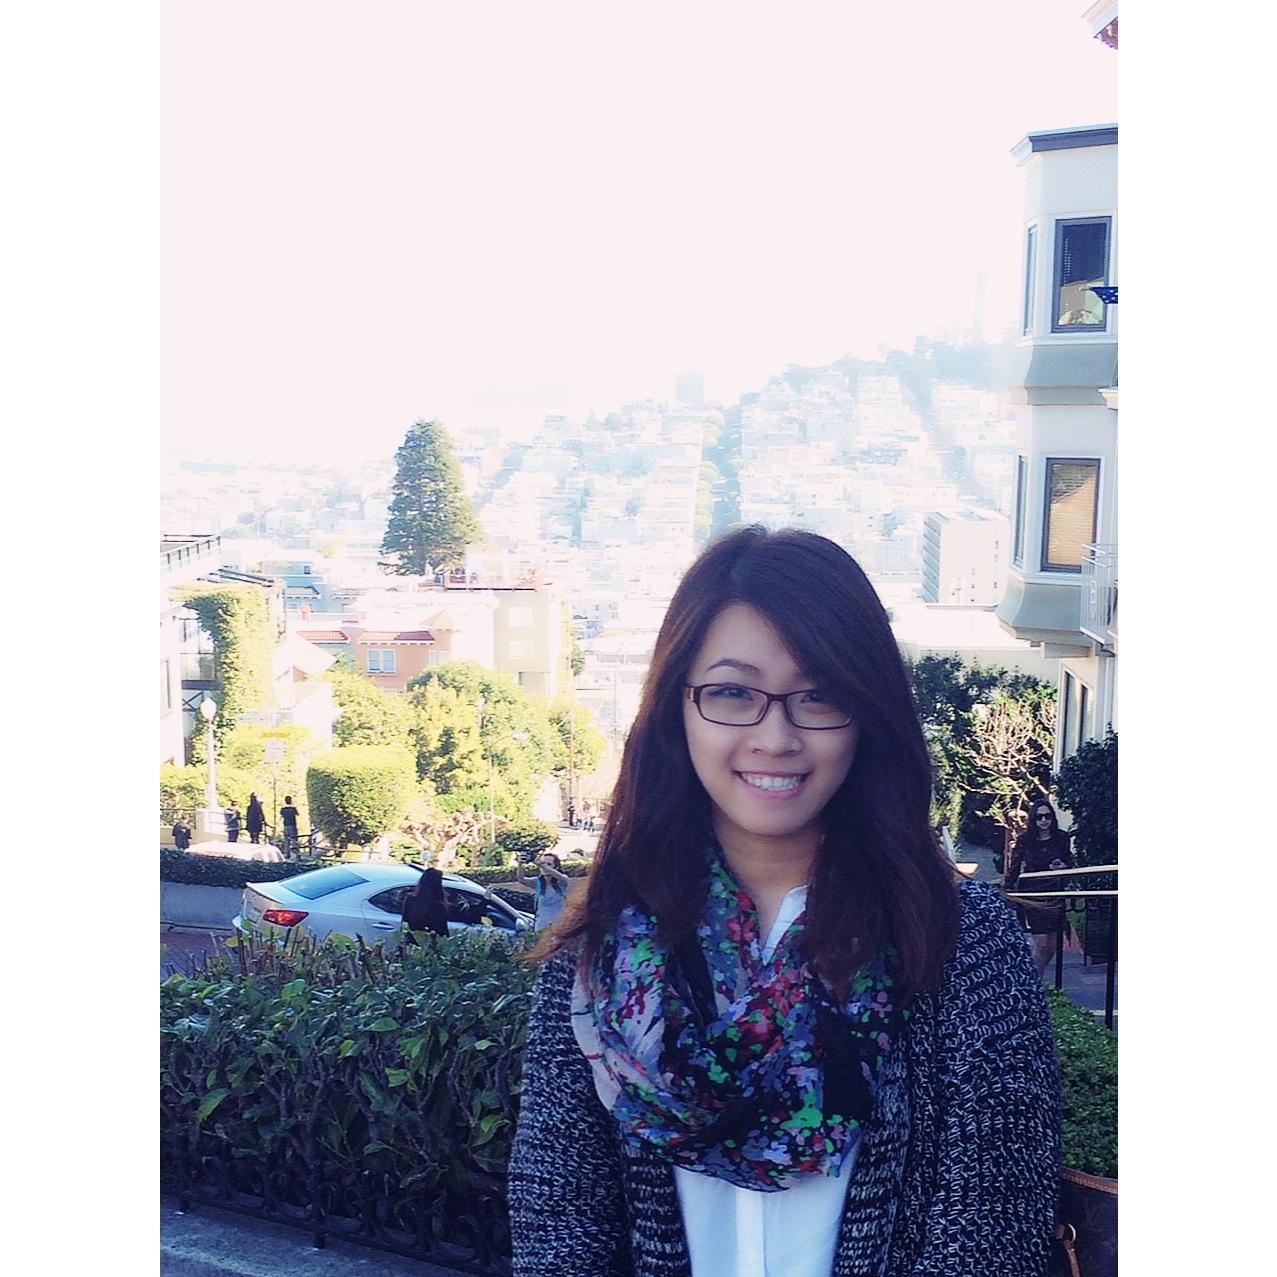 Giảng viên Hiền Phan, cựu học viên Seattle University